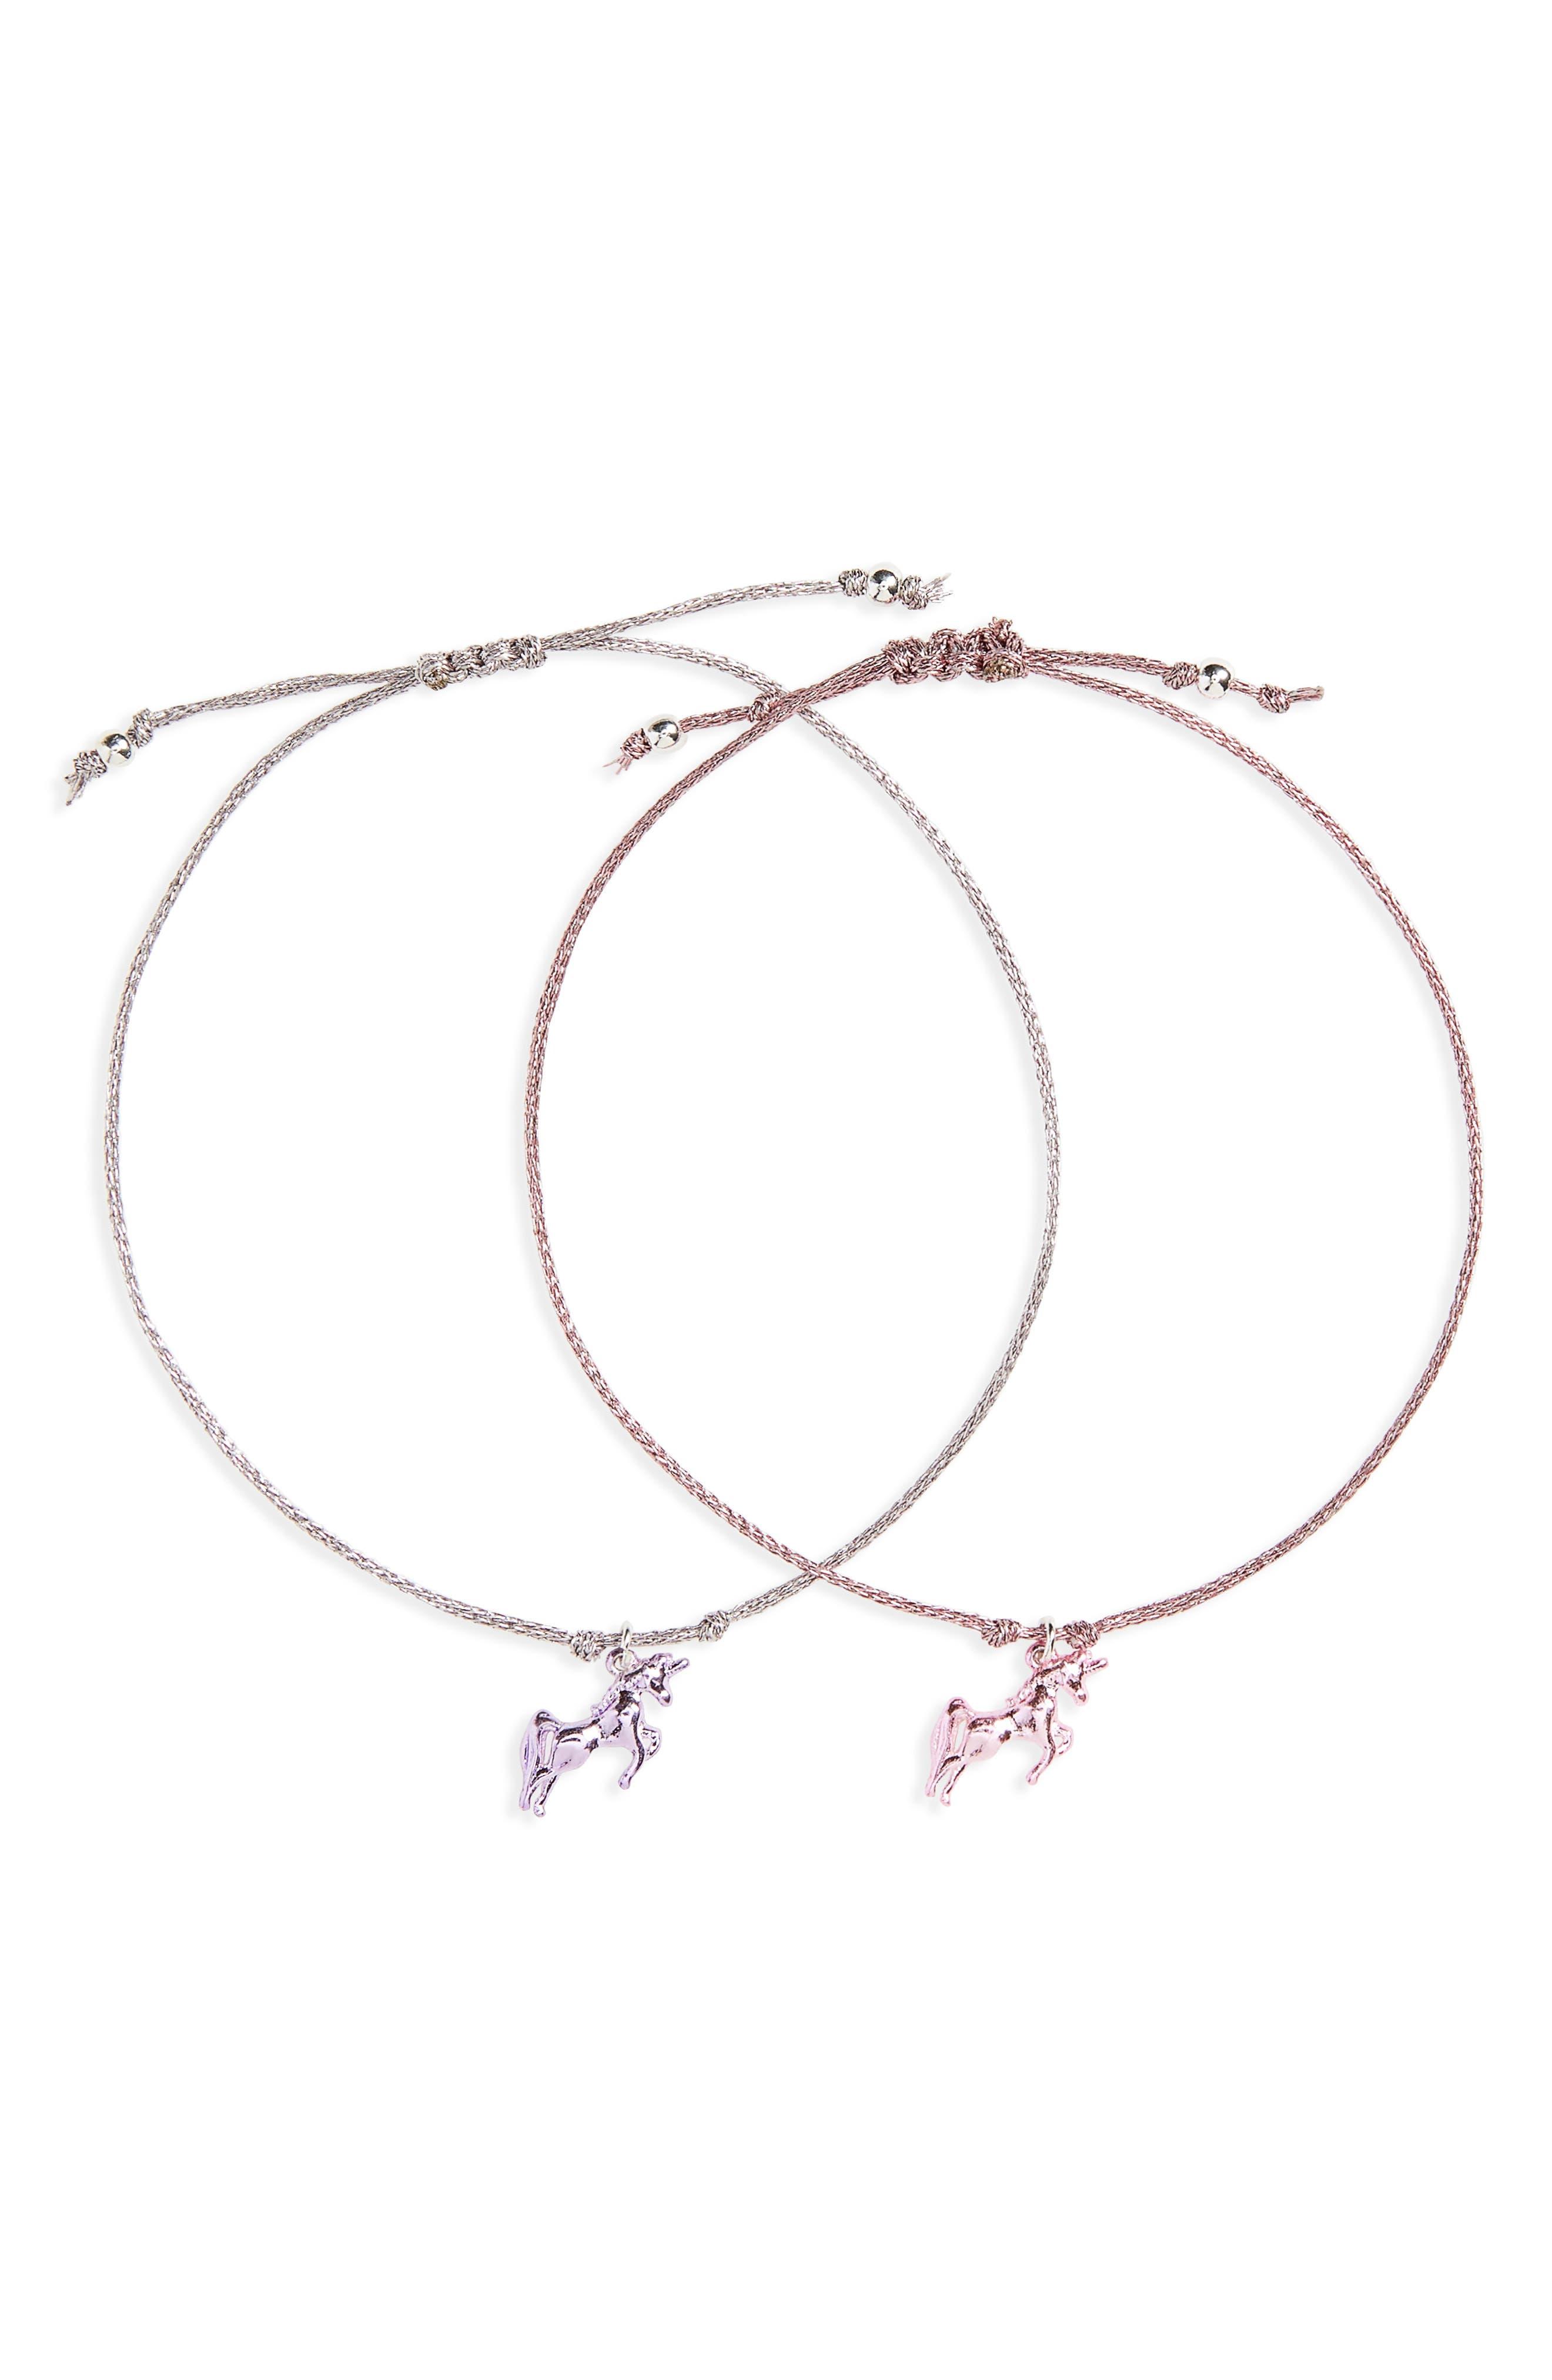 Set of 2 Unicorn Bracelets,                             Main thumbnail 1, color,                             Pastel Multi